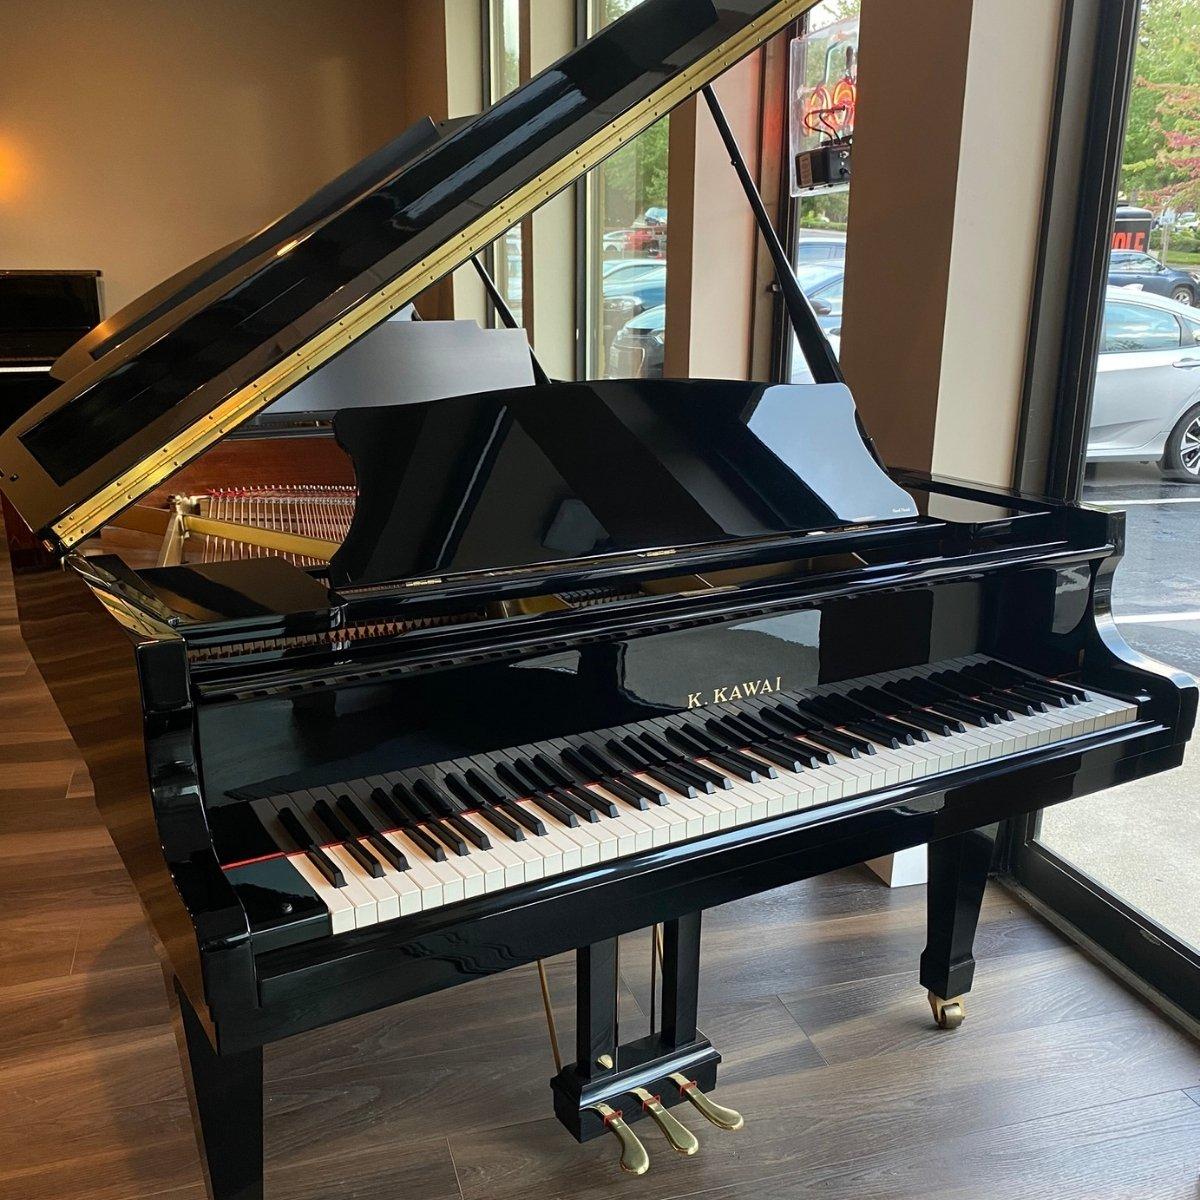 SOLD - Kawai 5'5 RX1 Grand Piano